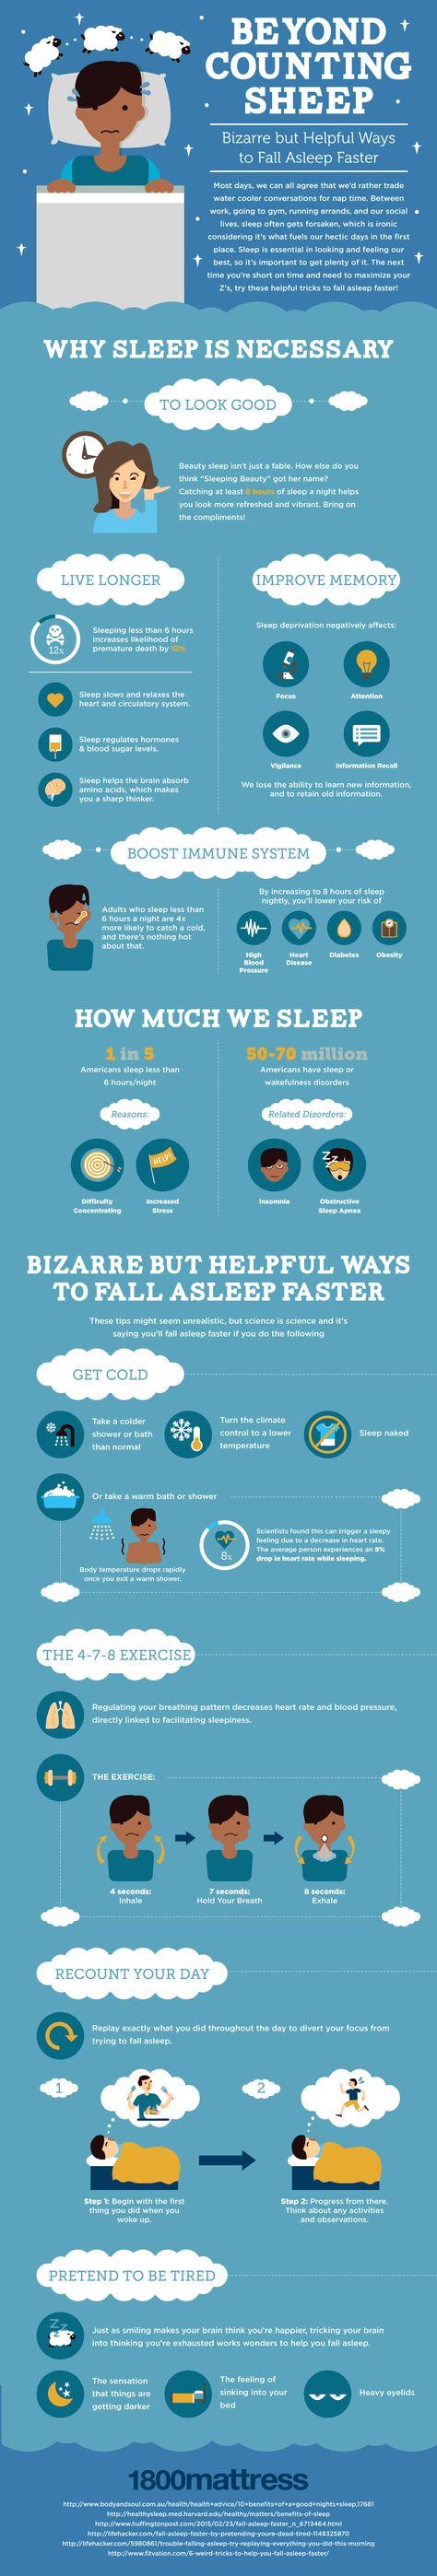 Beyond Counting Sheep #Infographic #Health #Sleep